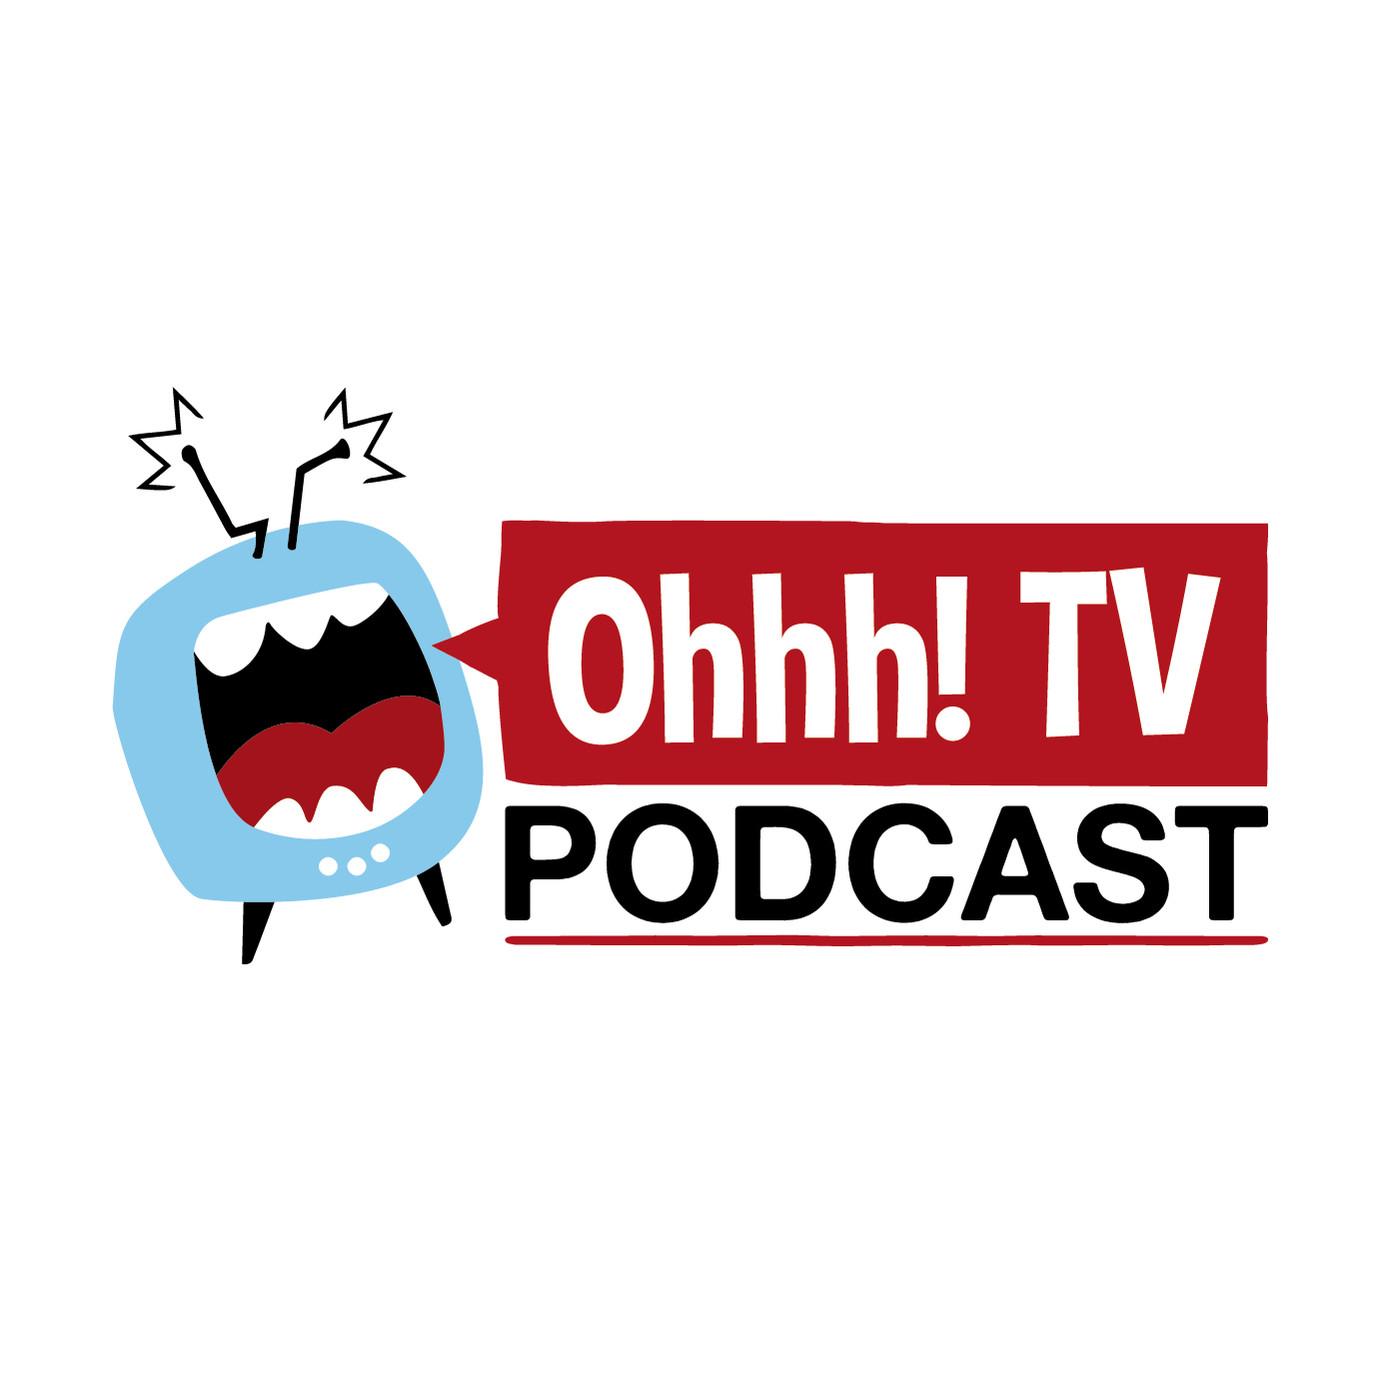 Temporada 03 - Ohhh! TV Podcast